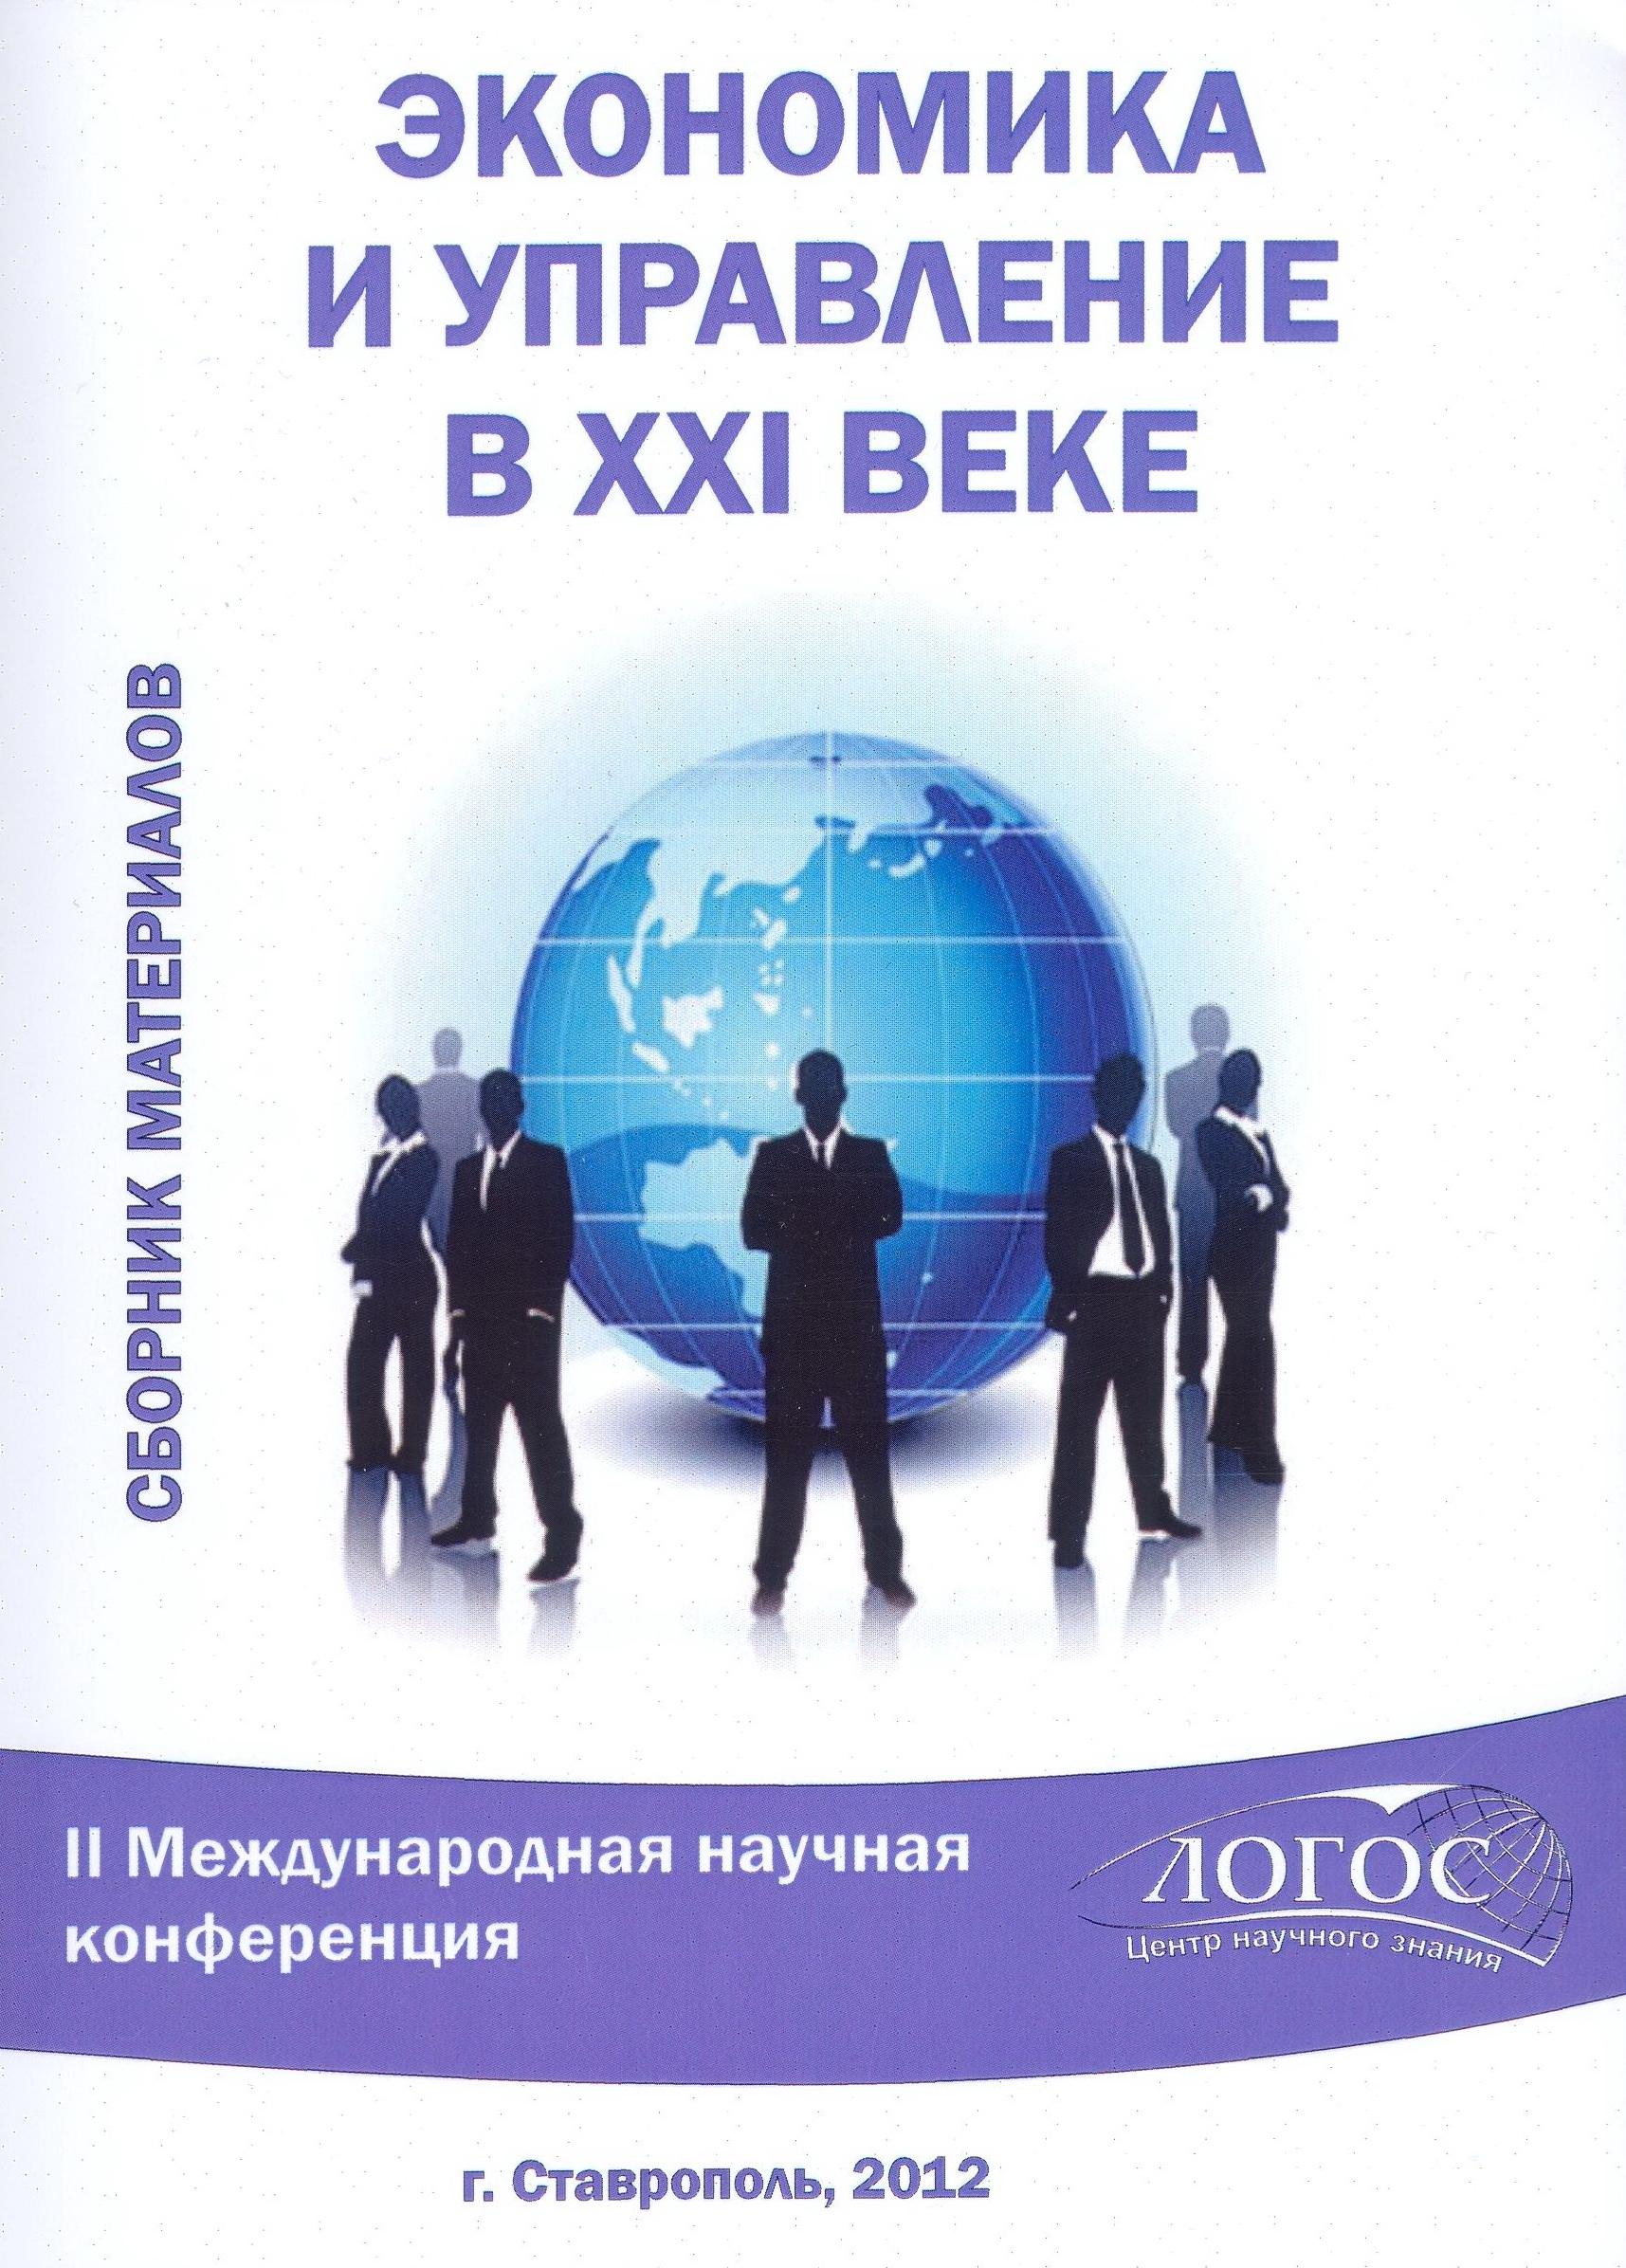 Развитие и преобразование реижиниринга бизнес-процессов